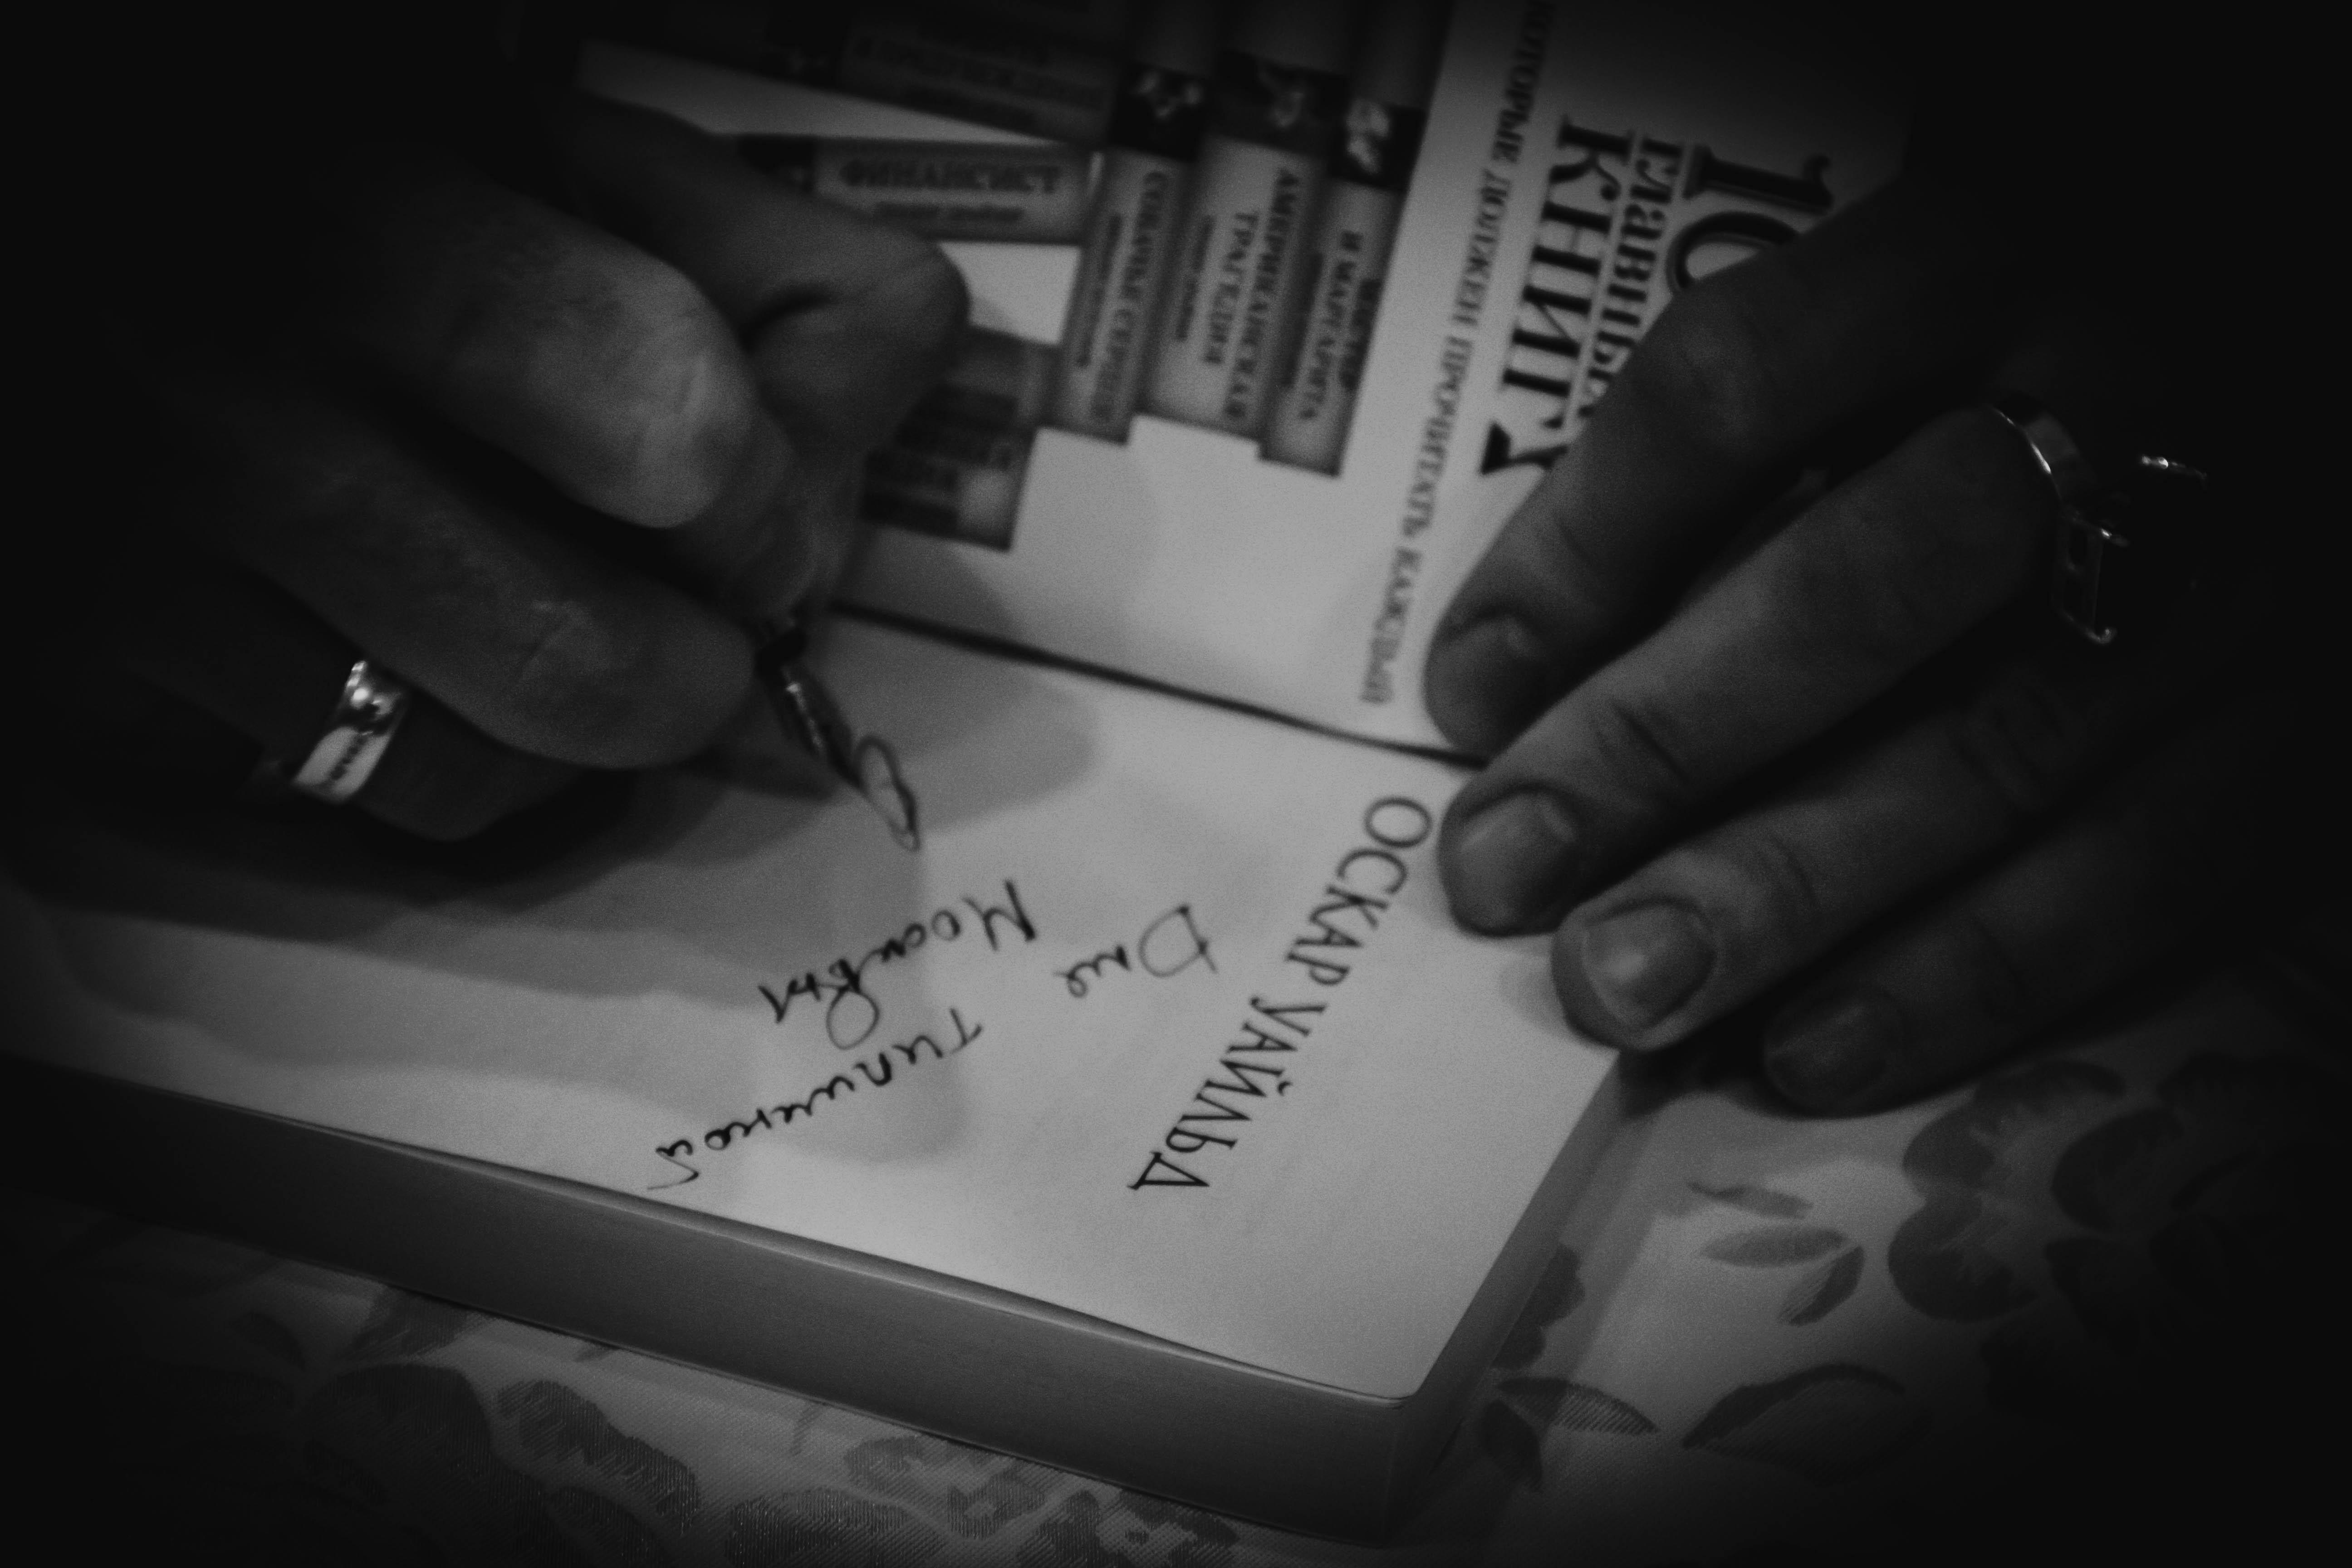 Портрет Дориана Грея Твое лицо – зеркало души. «Портрет Дориана Грея» в театре «Луны» Твое лицо – зеркало души. Портрет Дориана Грея в театре Луны